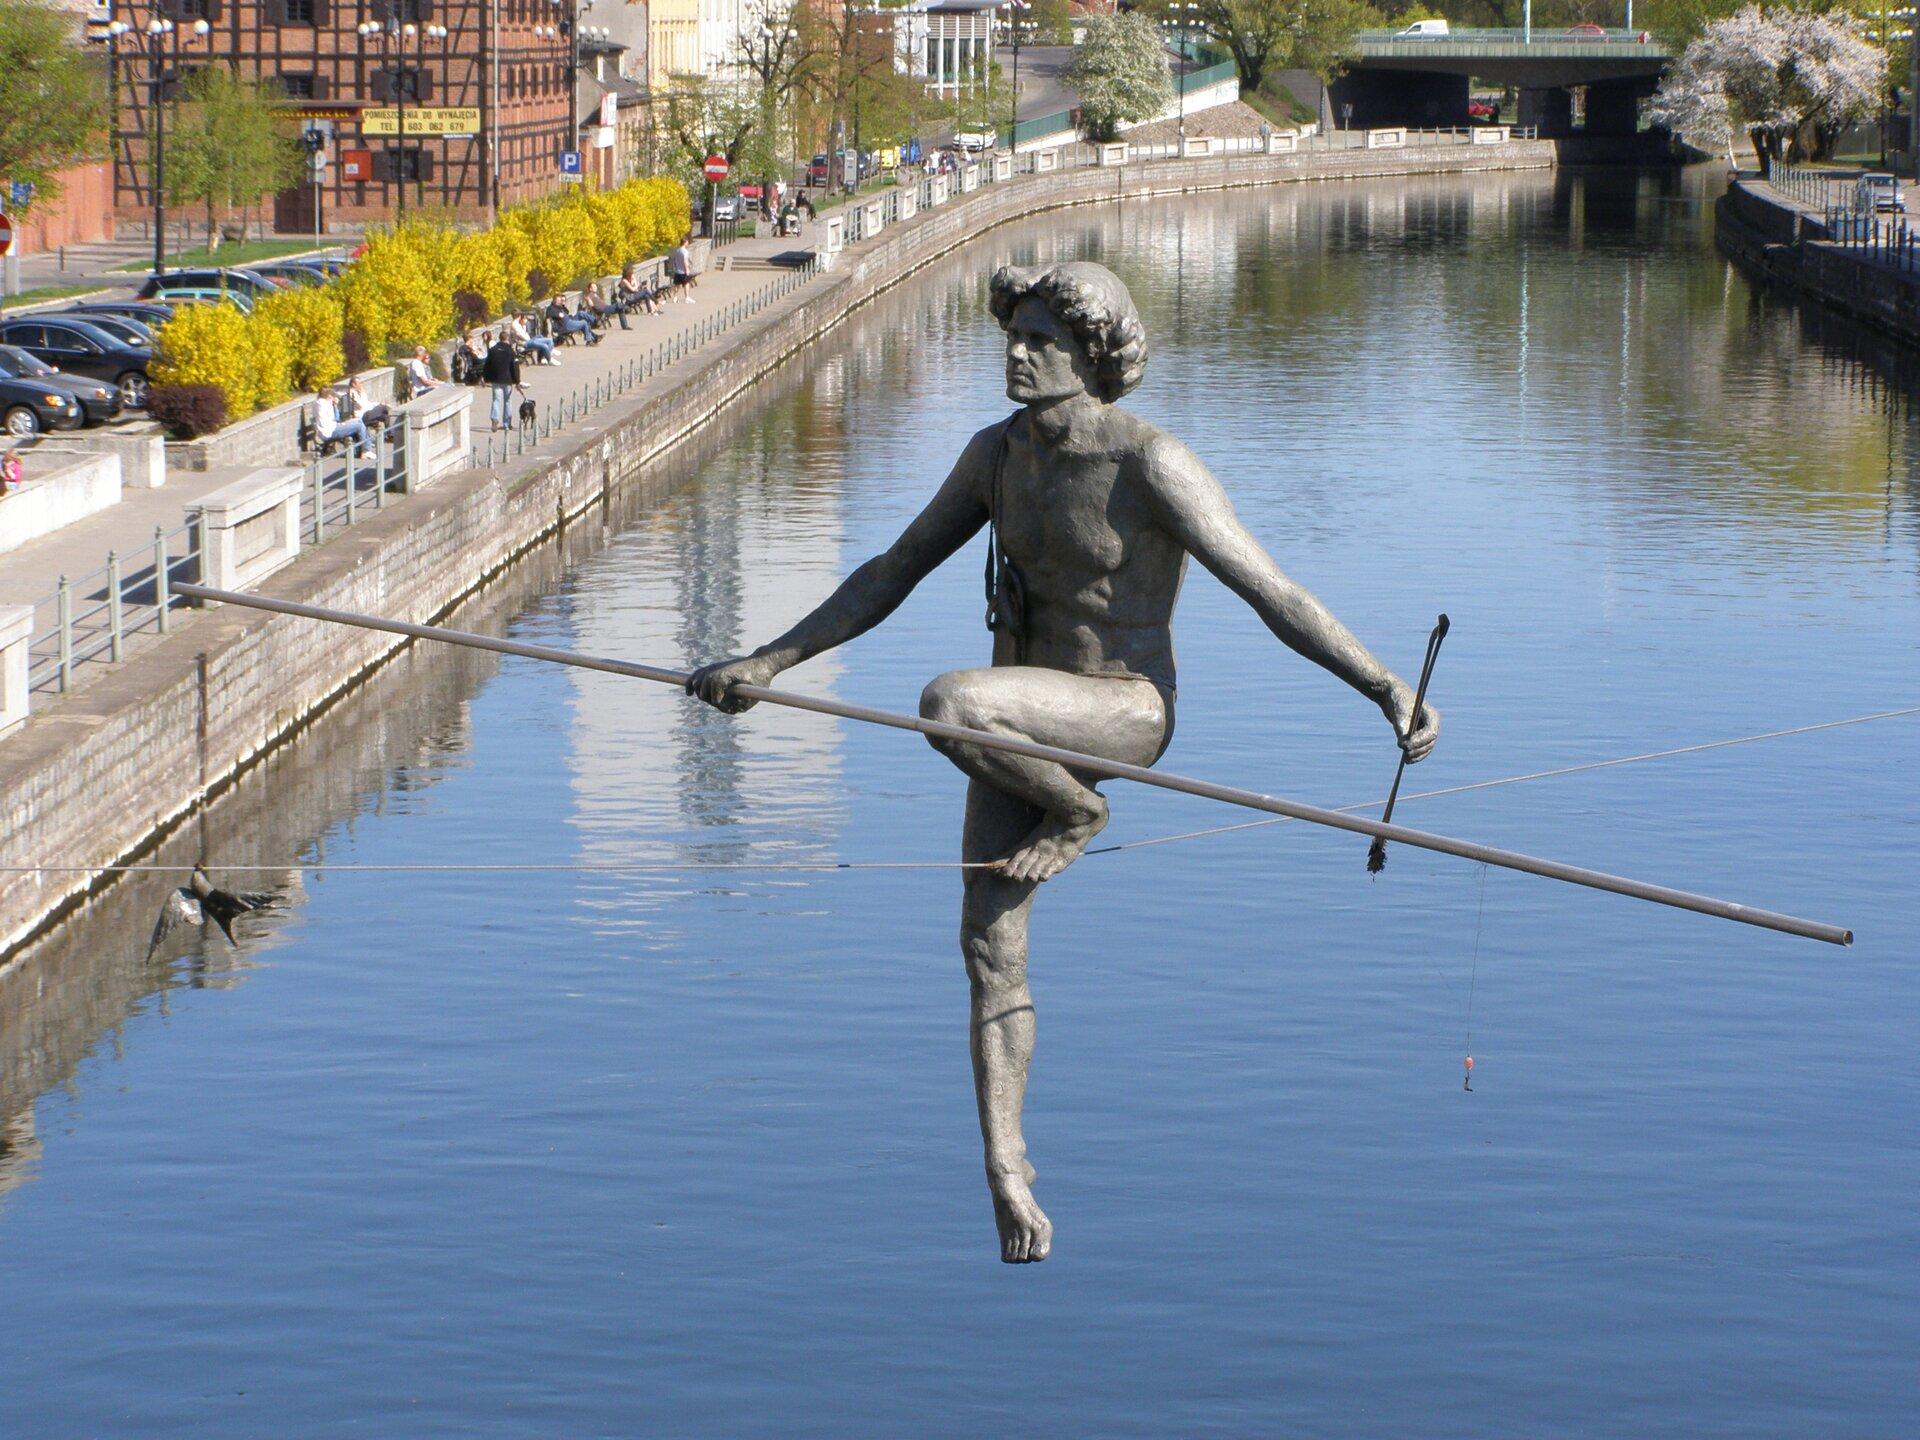 """Ilustracja przedstawia rzeźbę Jerzego Jotki Kędziory pt. """"Przechodzący"""". Rzeźba obrazuje nagiego mężczyznę przechodzącego po linie zawieszonej pomiędzy dwoma brzegami rzeki. Mężczyzna wprawej dłoni trzyma długi kij, pomagający mu zachować równowagę. Wlewej dłoni trzyma strzałę."""